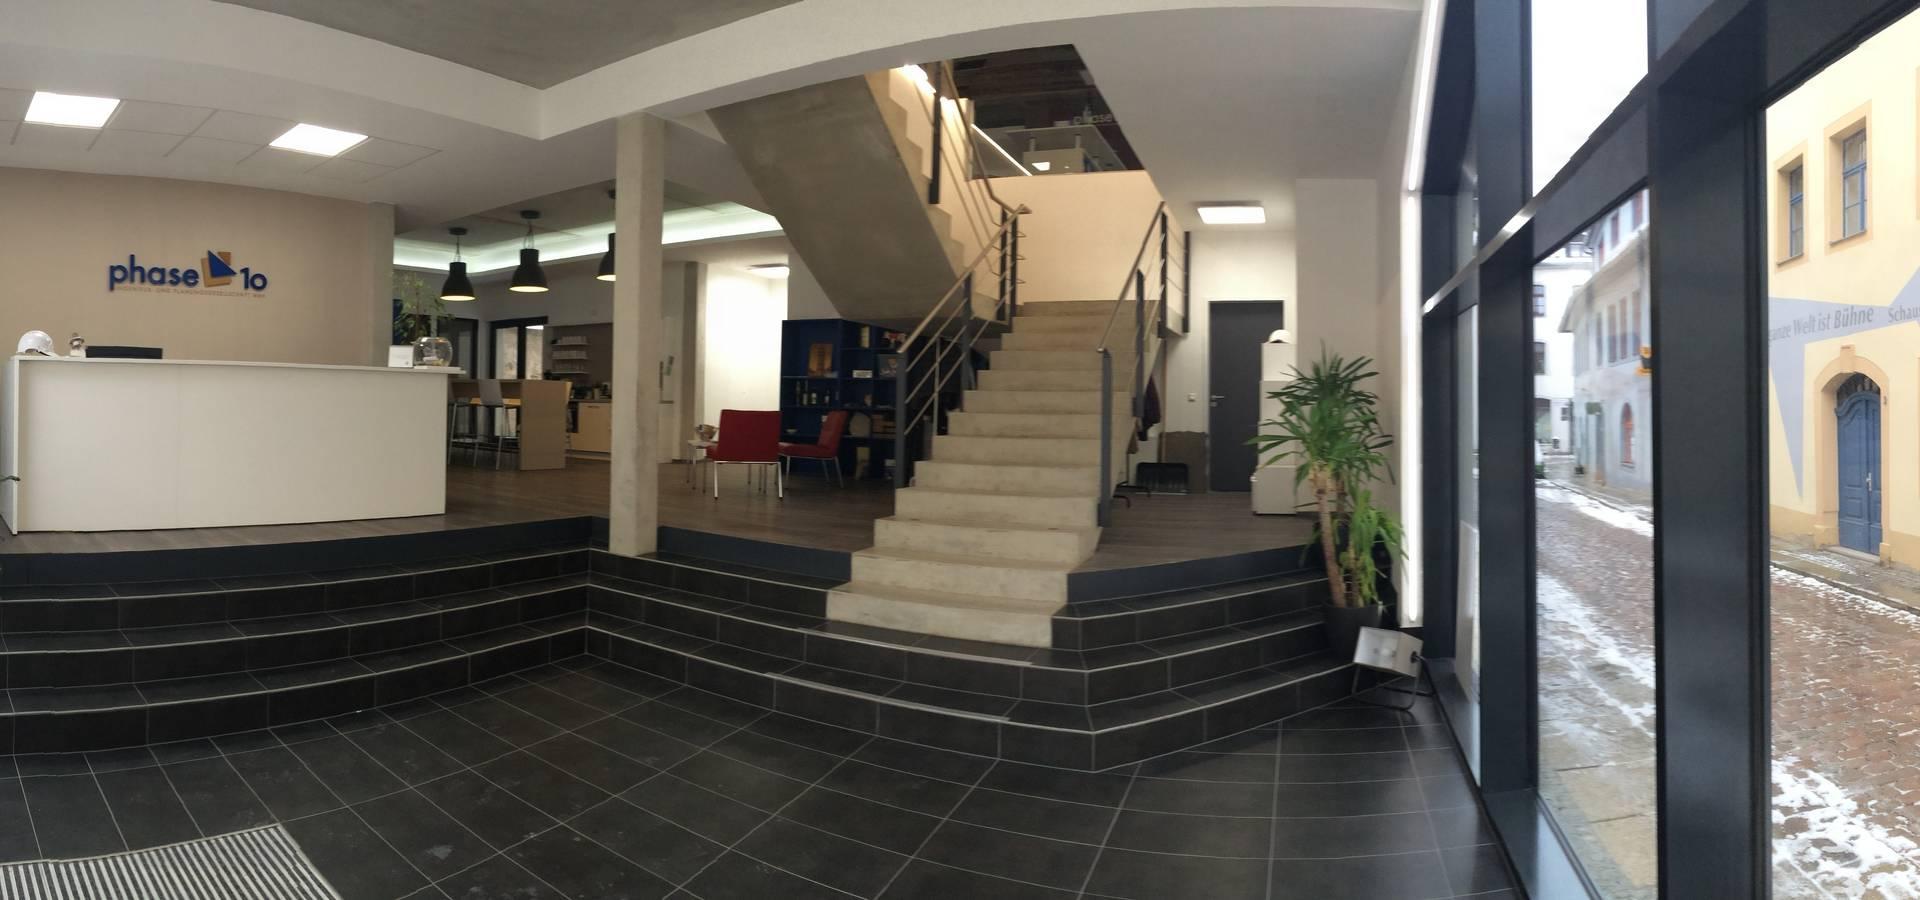 phase 10 Planungs- und Ingenieurgesellschaft mbH